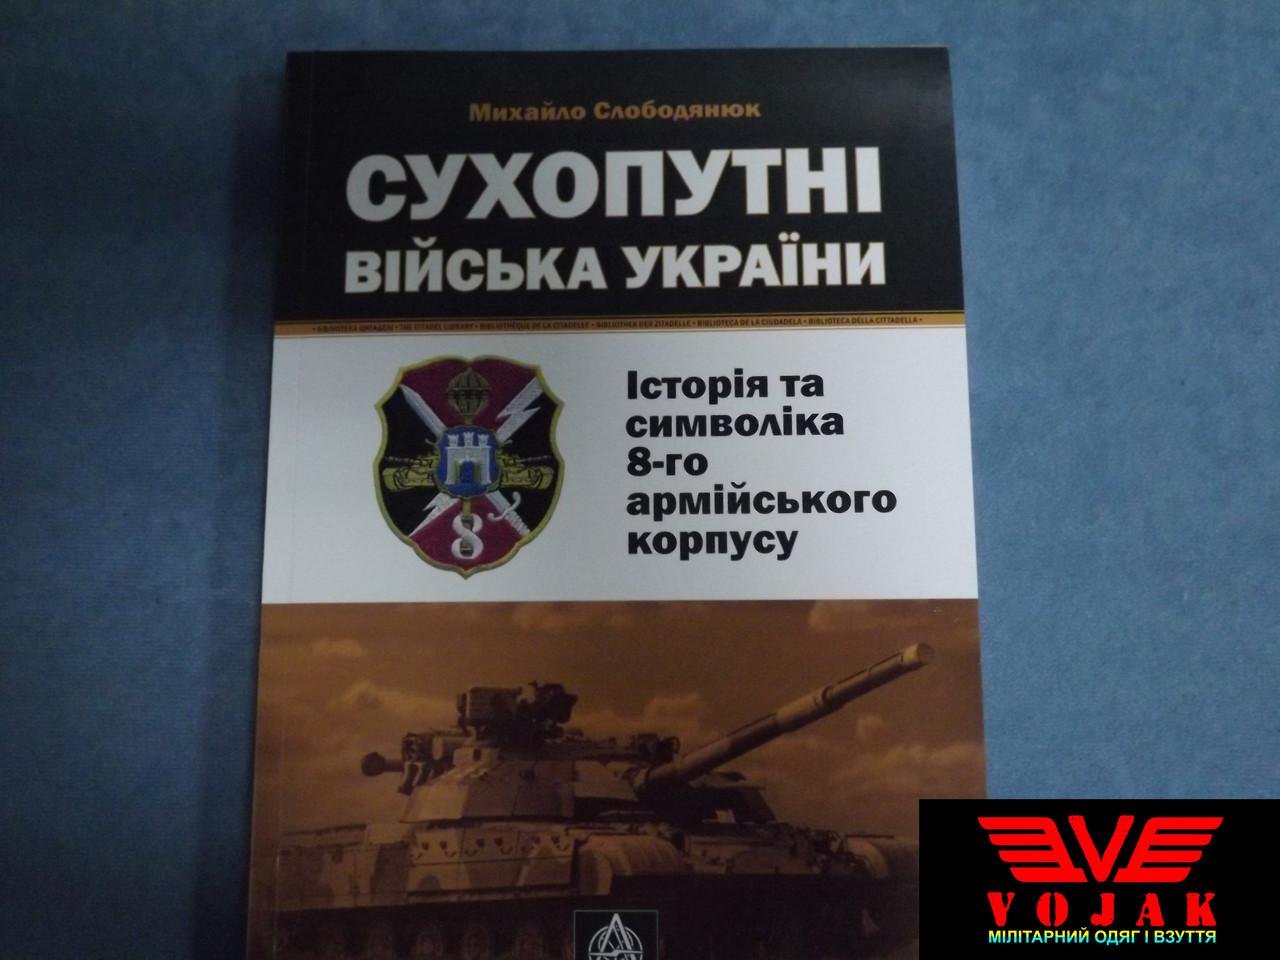 Сухопутні війська України: Історія та символіка 8-го армійського корпусу